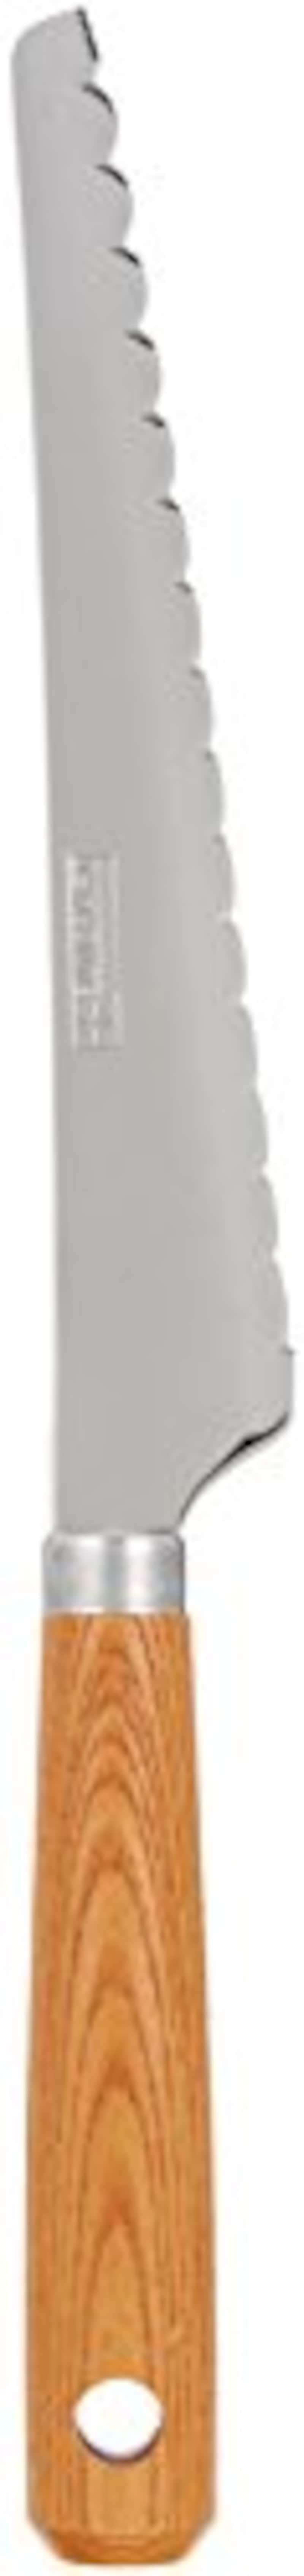 サンクラフト,ケーキ・パン切りナイフ,PP-539